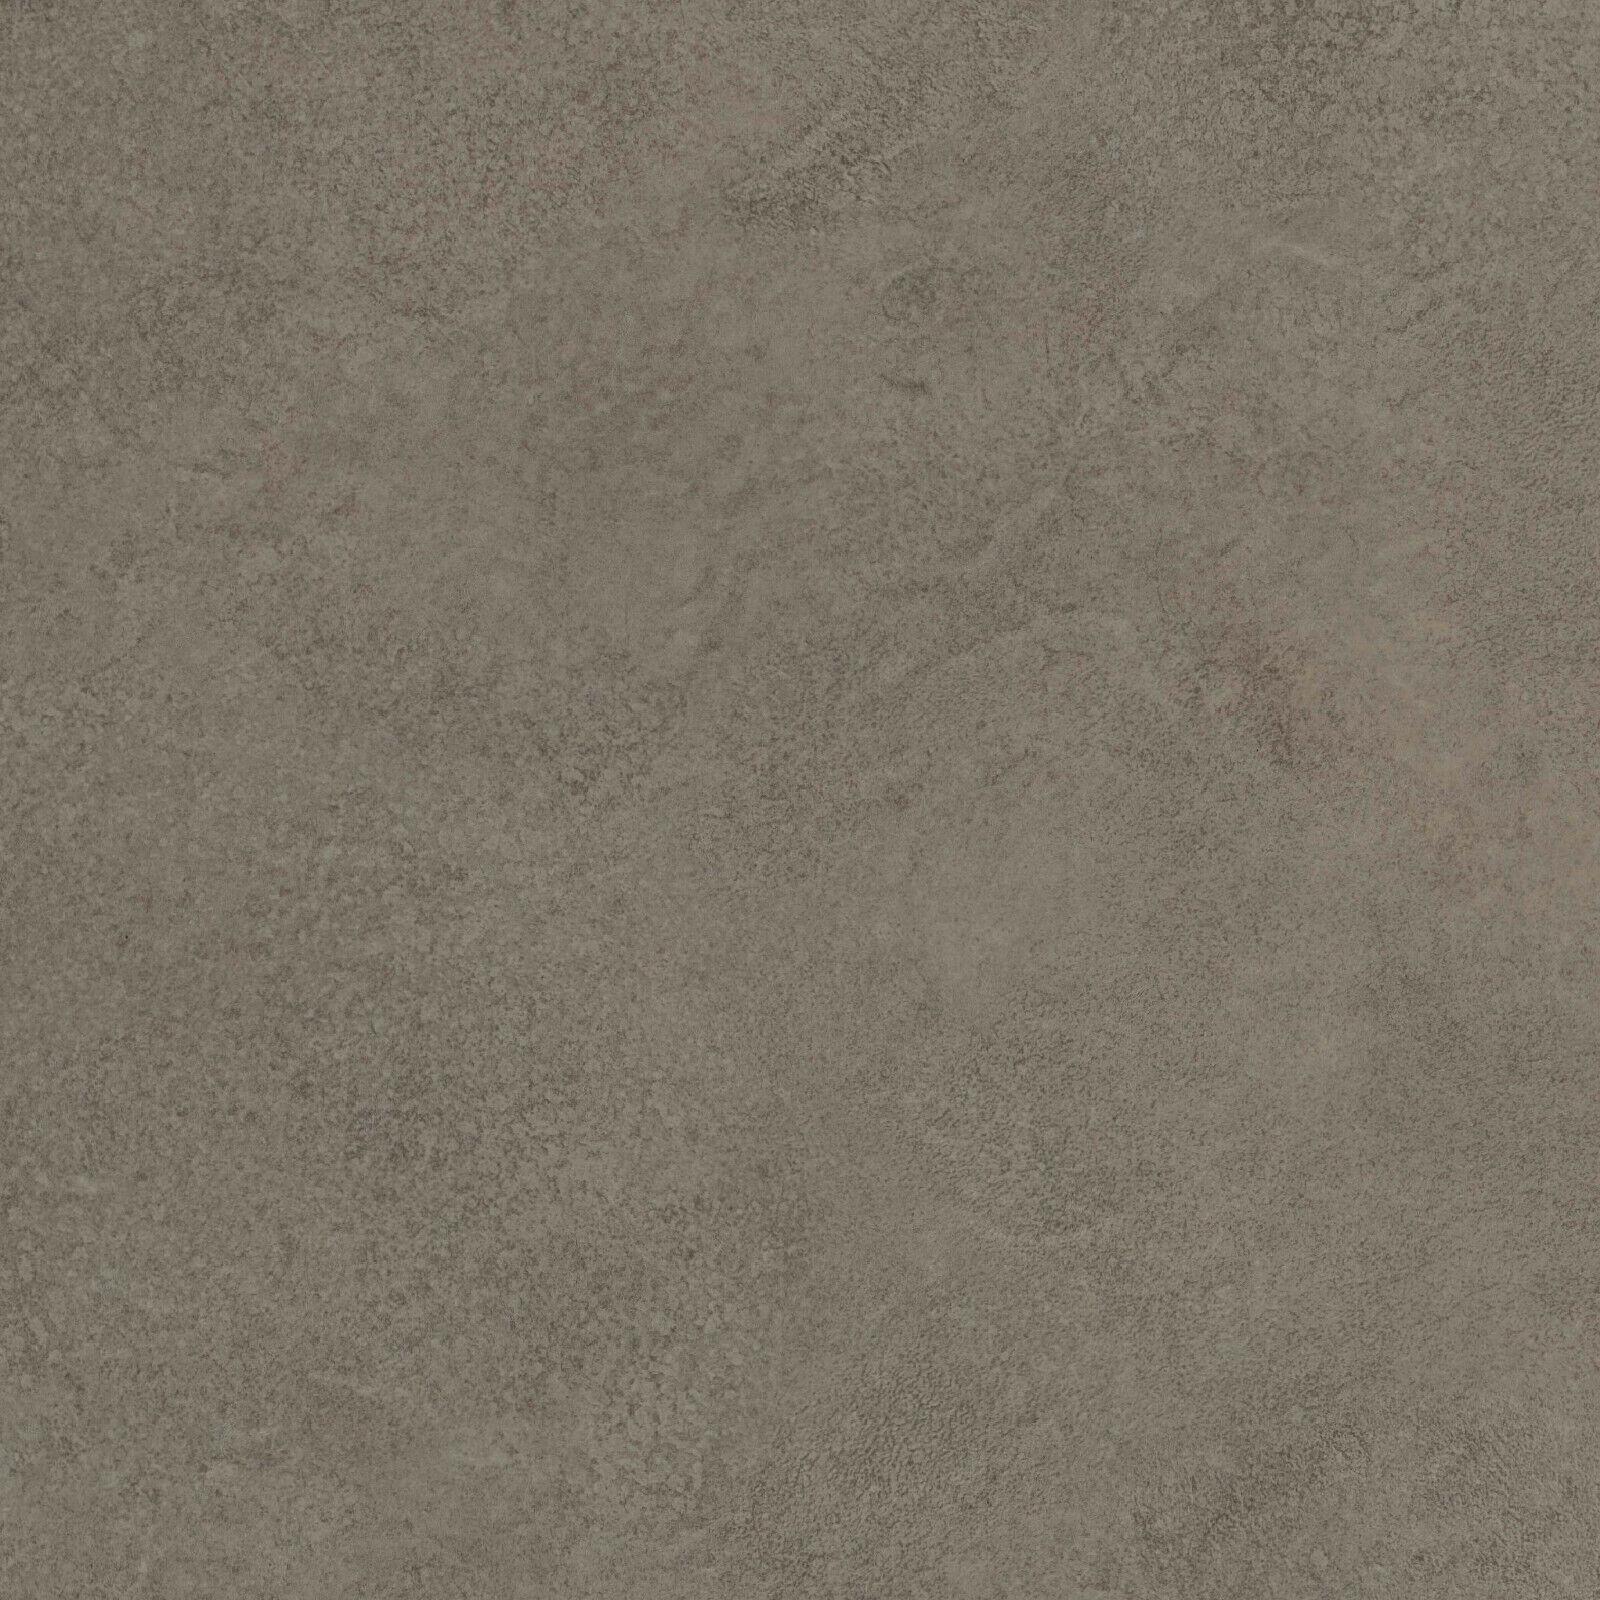 Fliesen -1m 110W//m Elektrische Fußbodenheizung Heizfolie- für Laminat AKTION